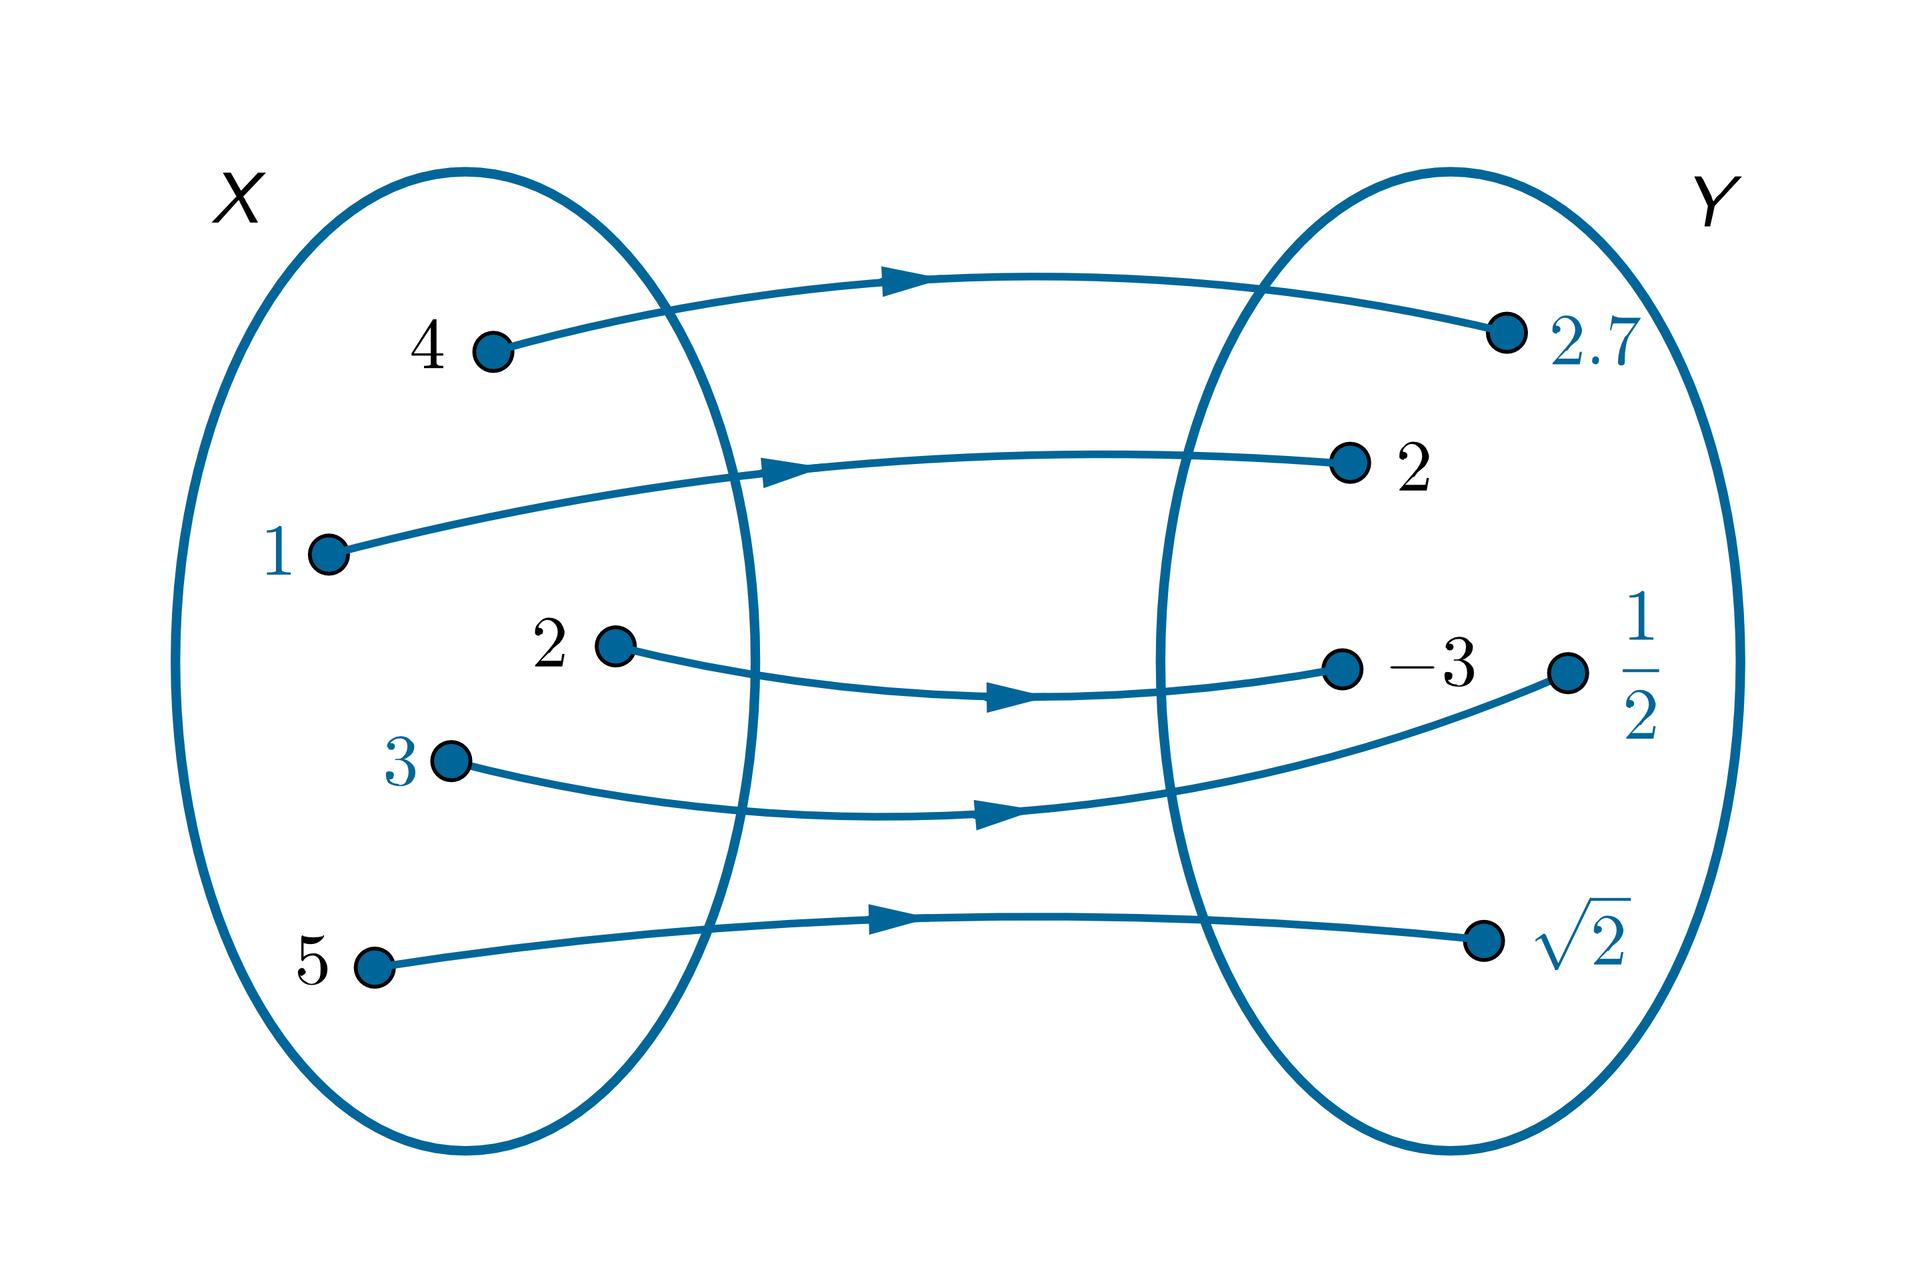 Graf jest rozwiązaniem zadania.